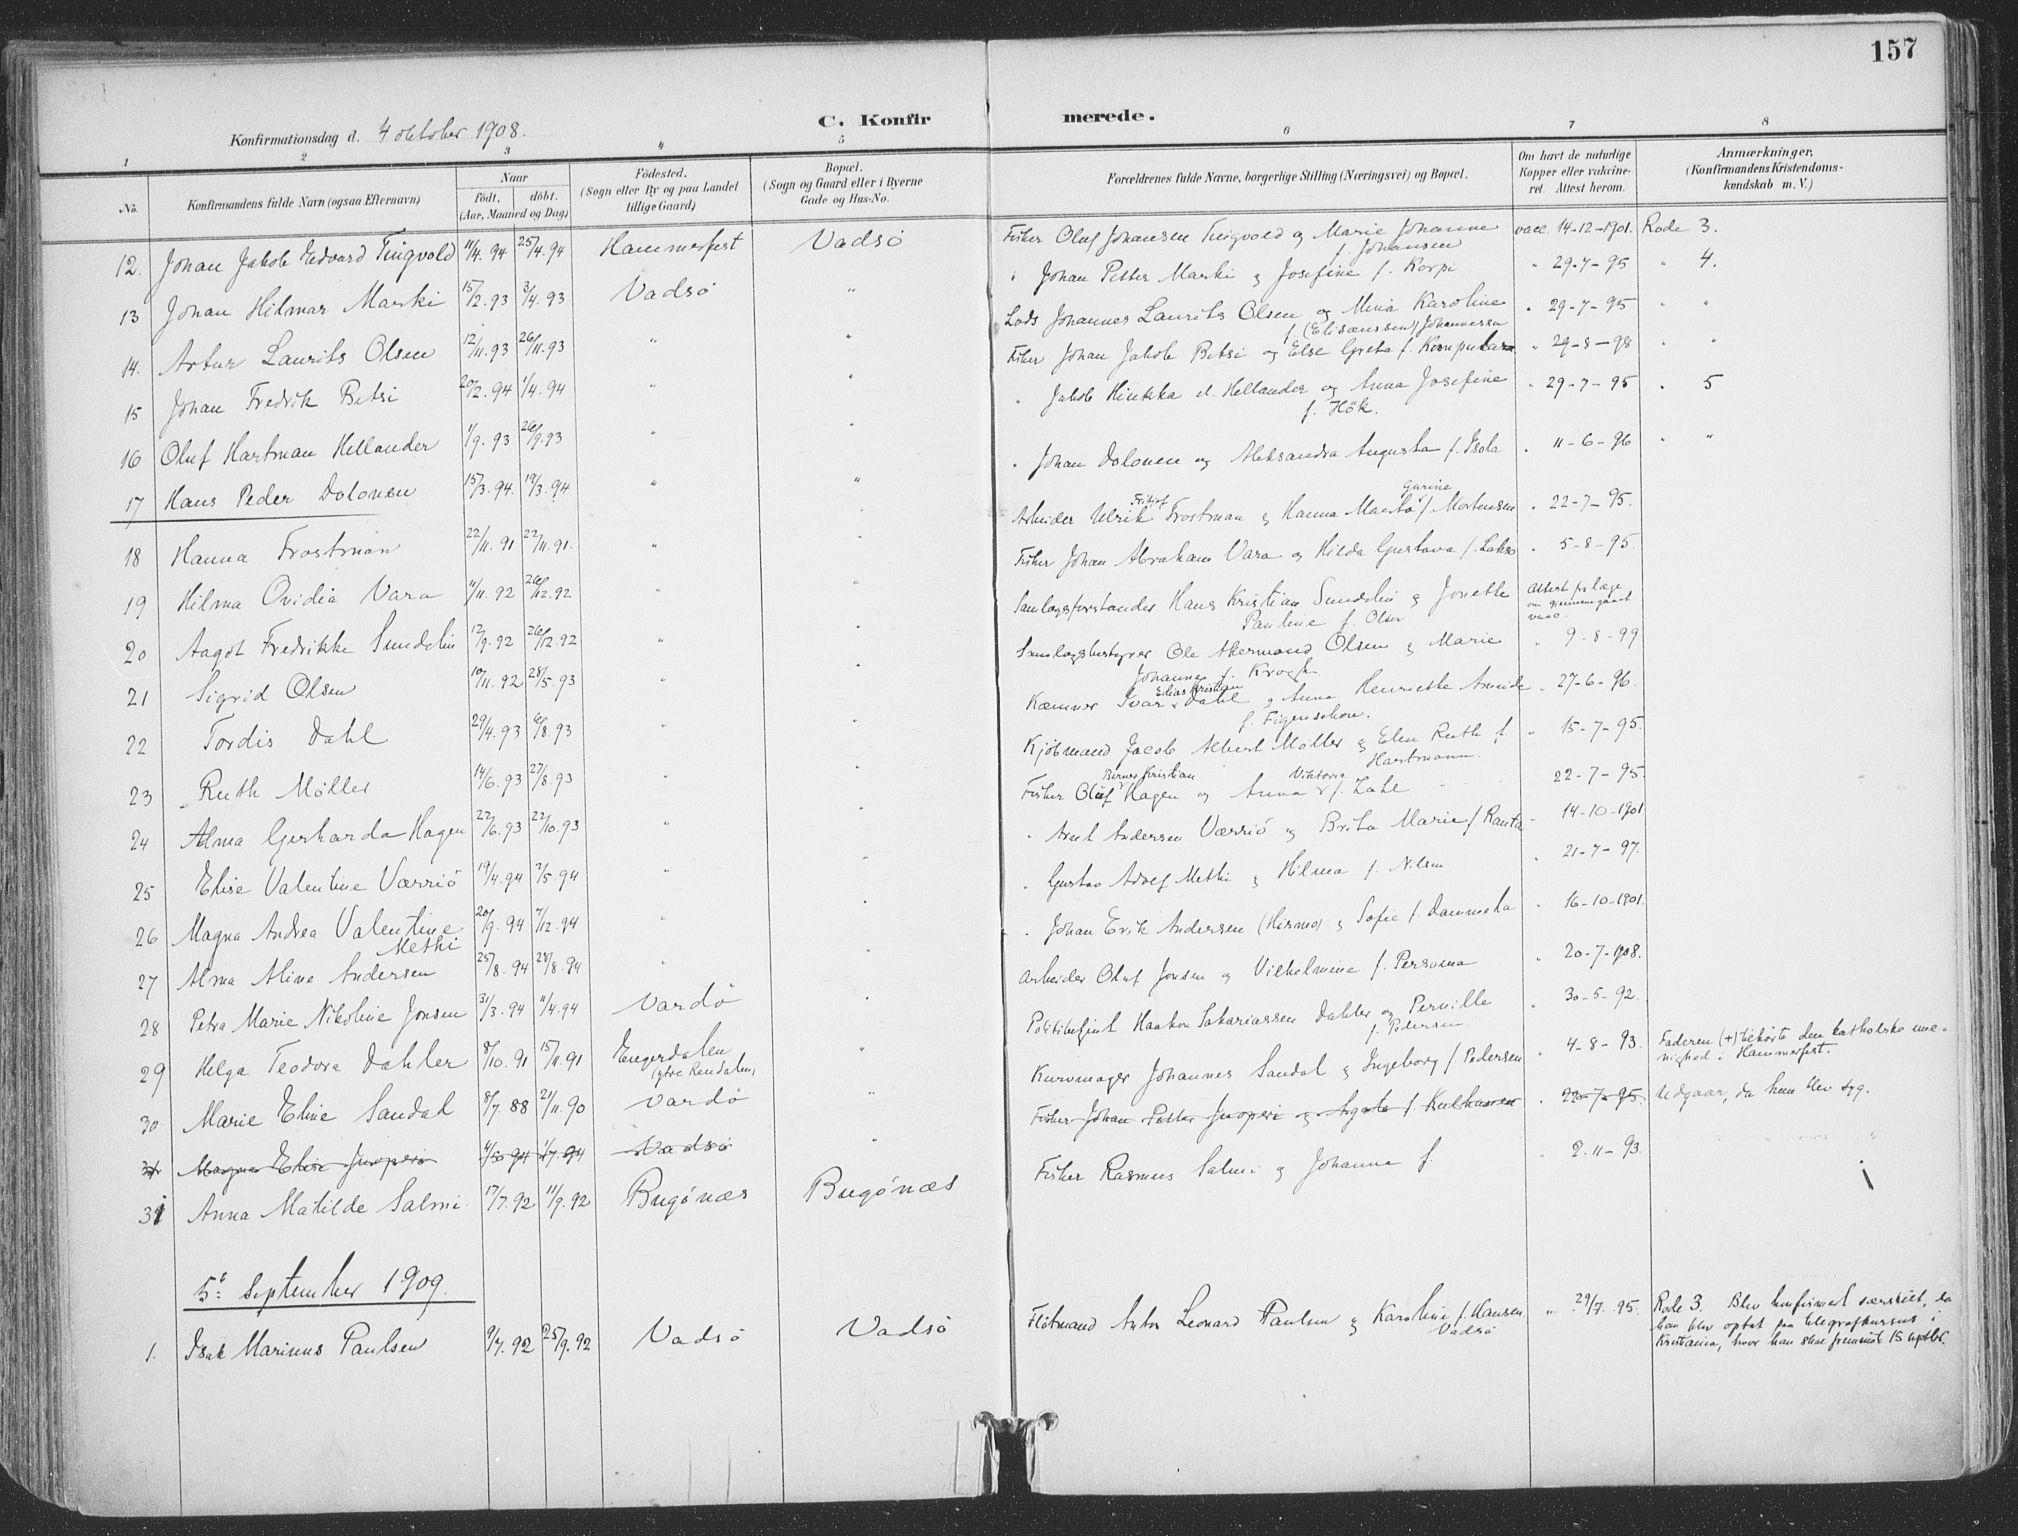 SATØ, Vadsø sokneprestkontor, H/Ha/L0007kirke: Ministerialbok nr. 7, 1896-1916, s. 157